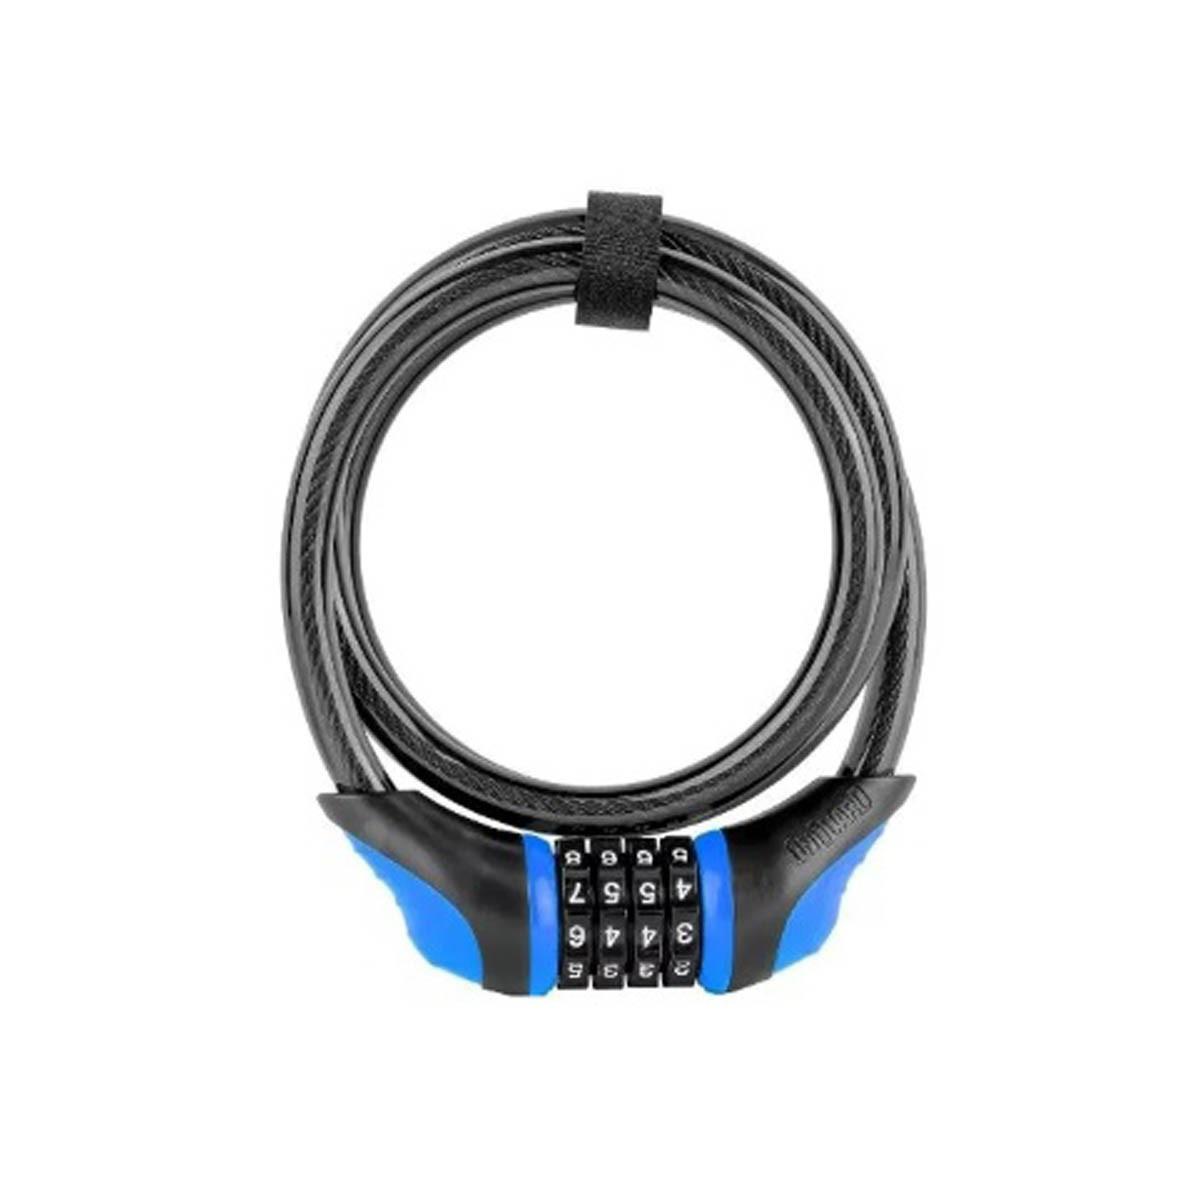 Cadeado Onguard 8169 Neons Cabo Lock Codificado C. Senha Azl